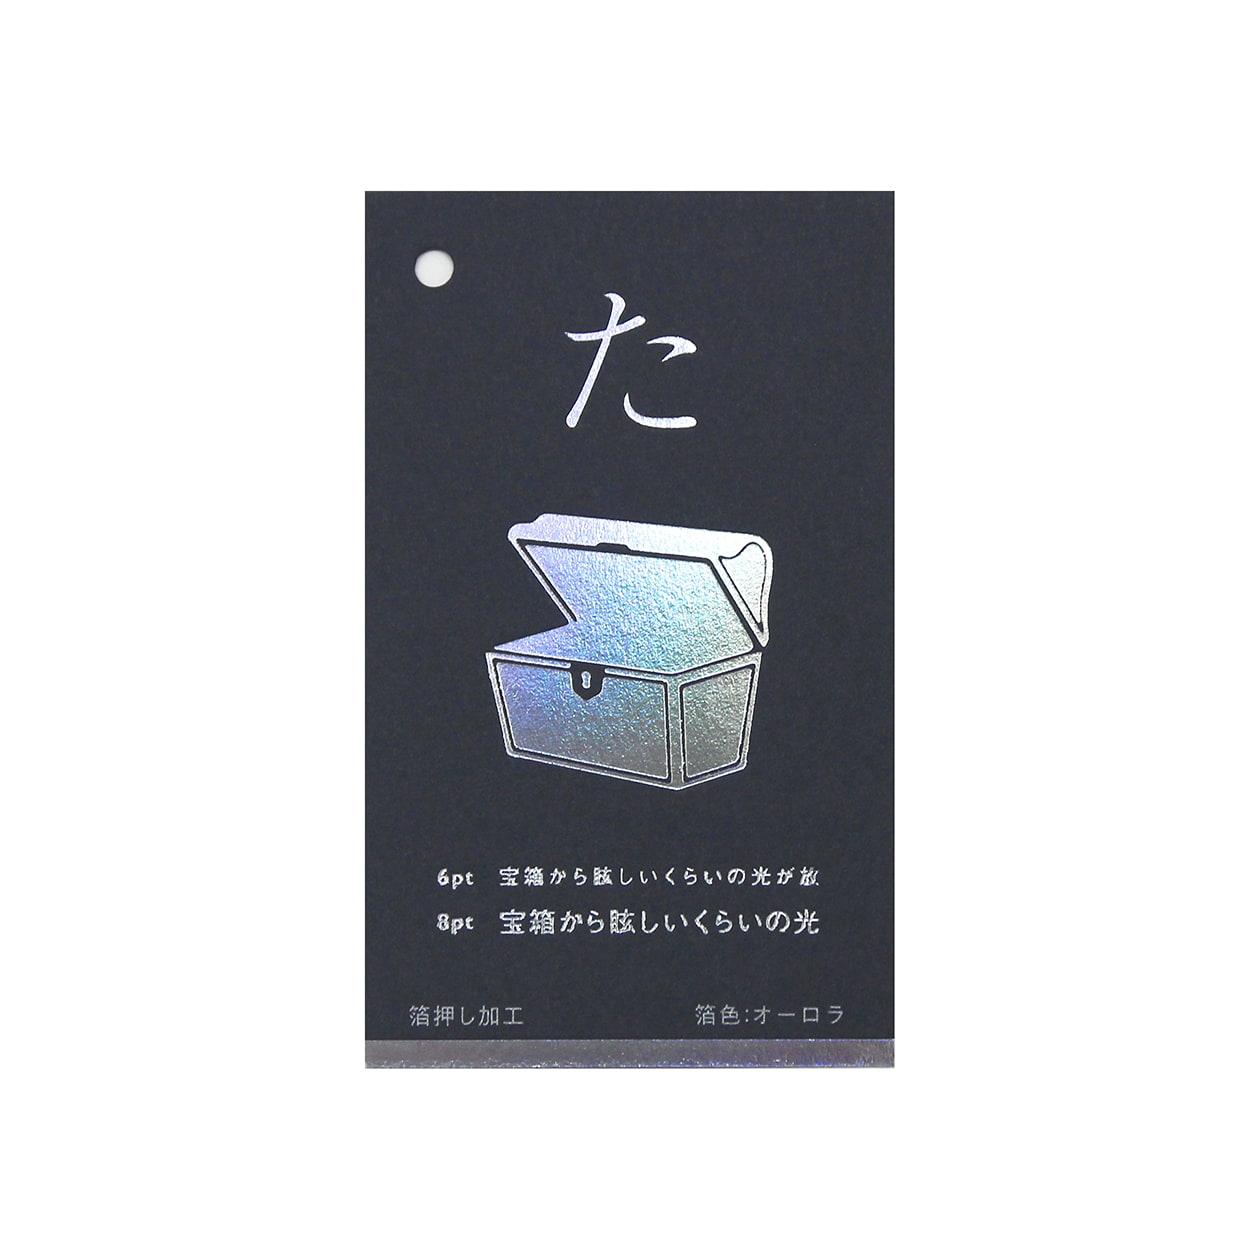 箔色見本 00193 オーロラ箔 コットンミッドナイトブルー 291g